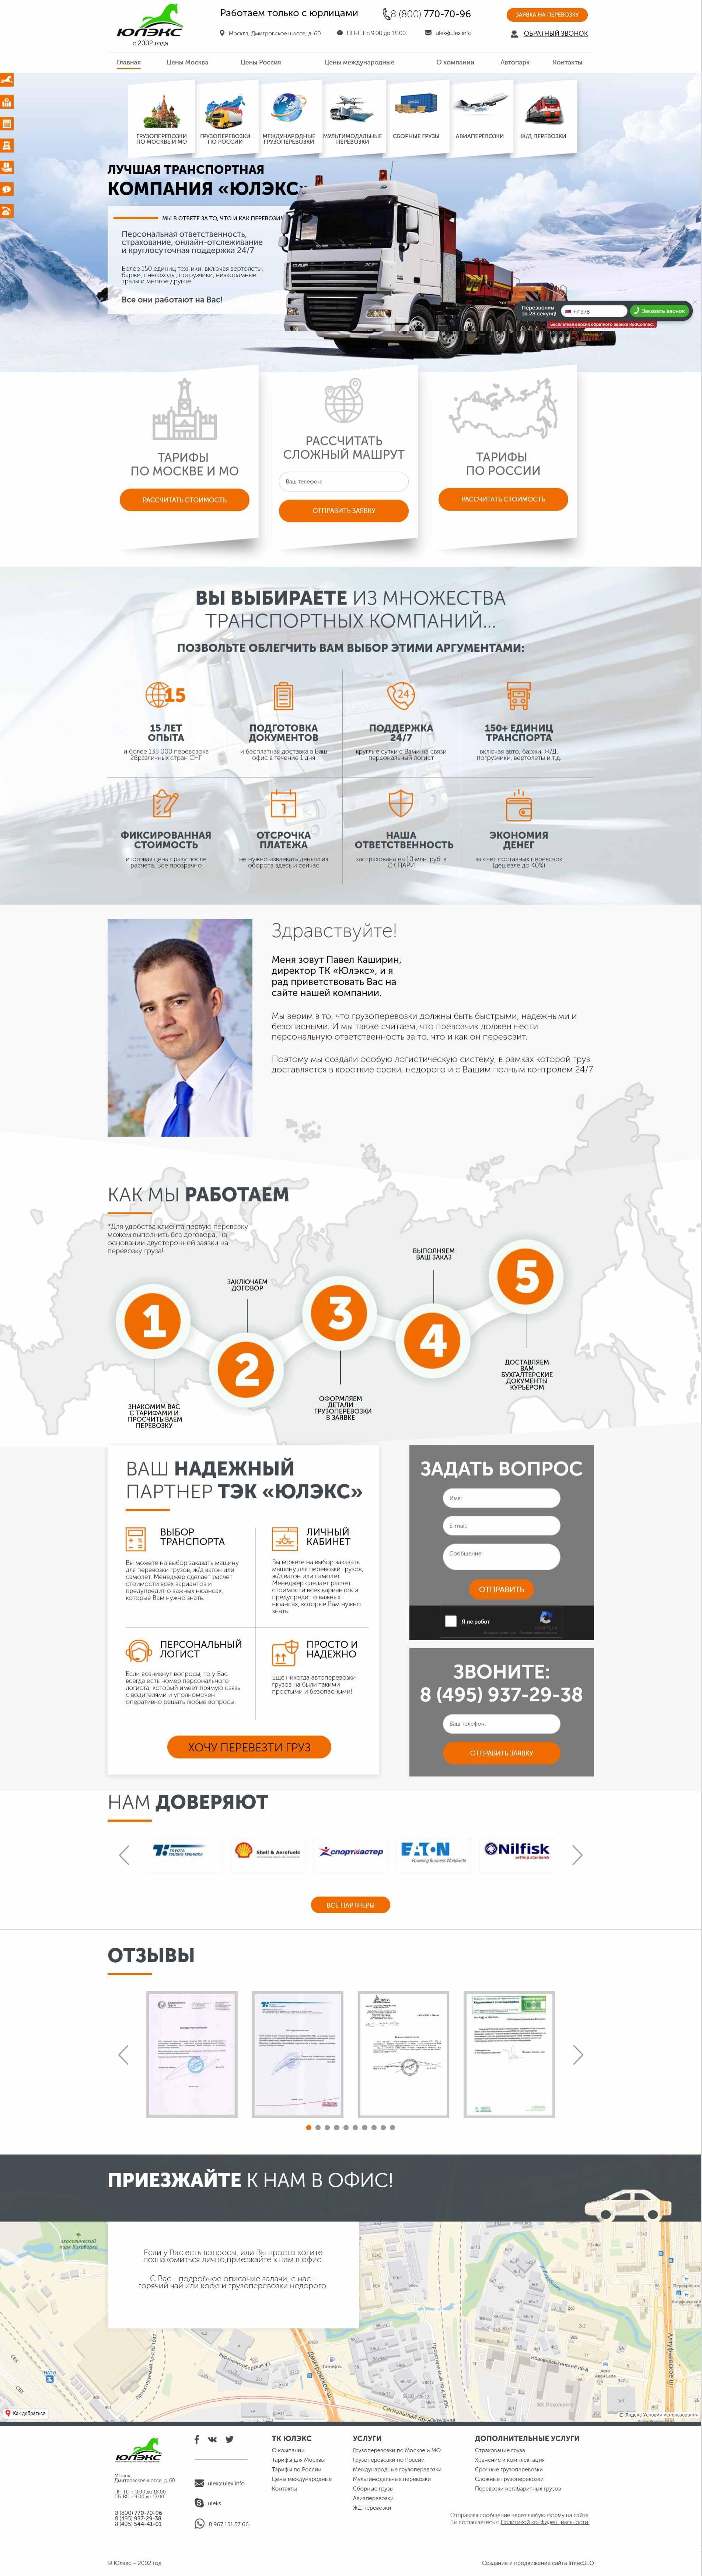 Разработка корпоративного сайта грузоперевозчика